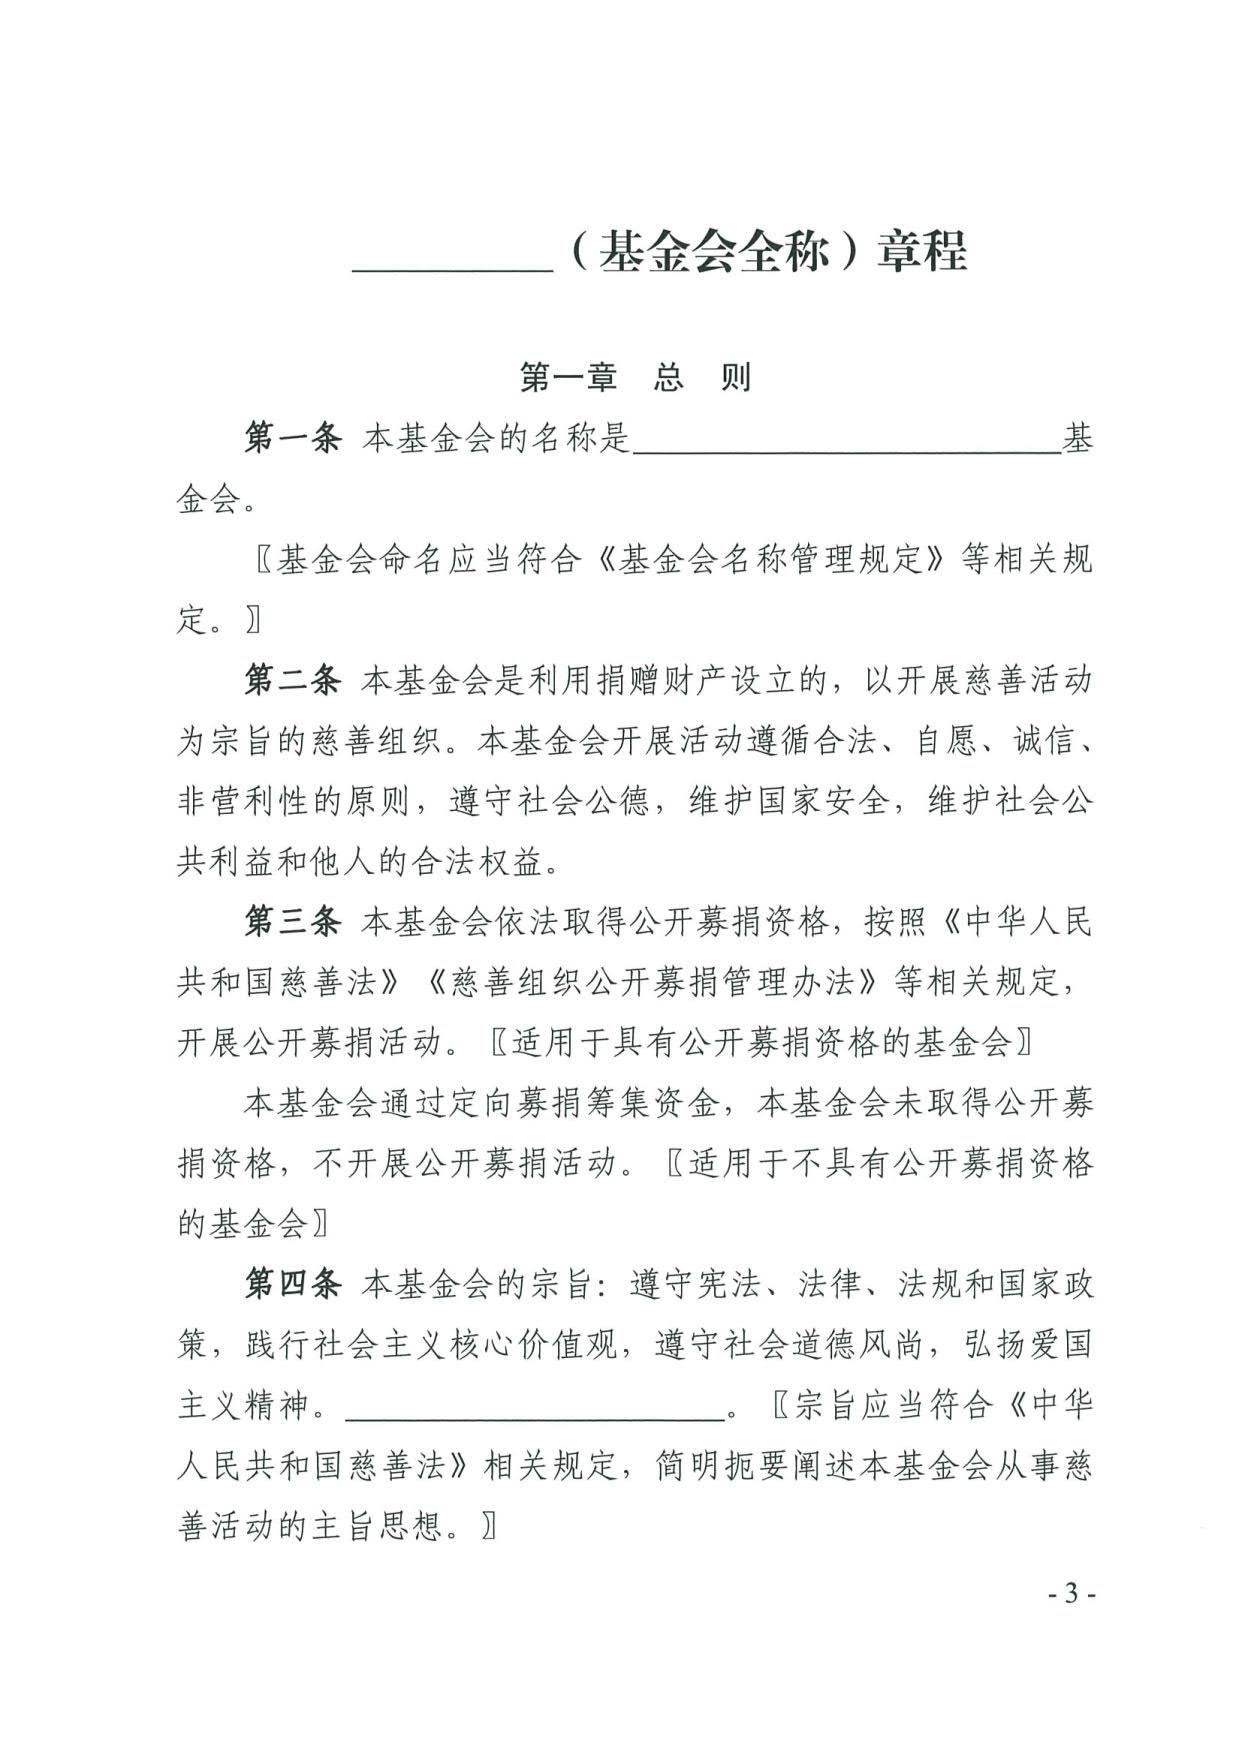 广东省民政厅关于印发《广东省基金会章程示范文本》的通知(4)_03.jpg